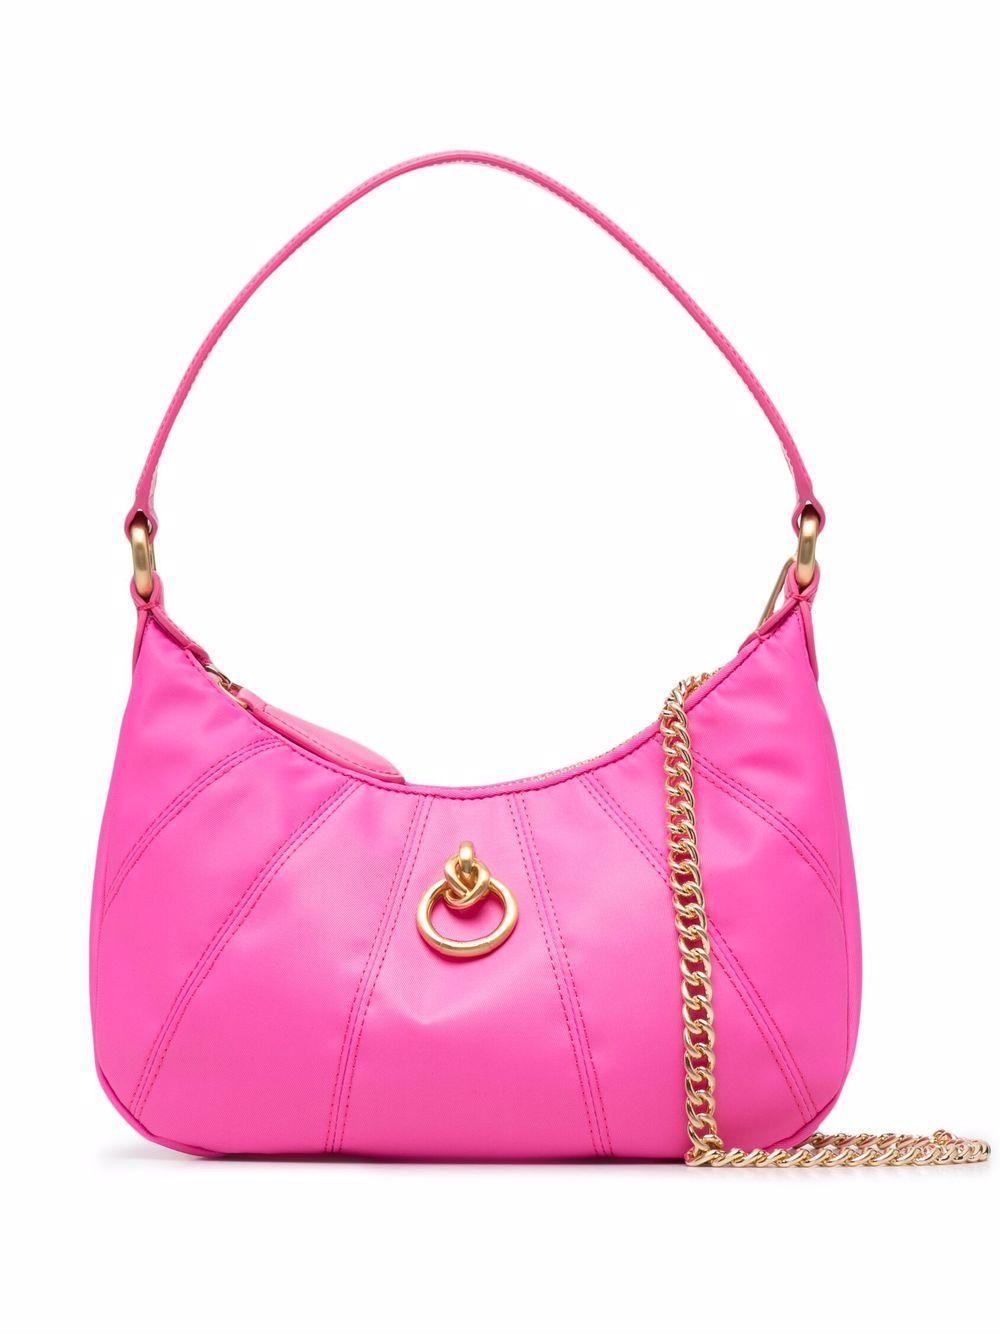 Pinko Handtasche mit Ringdetail - Rosa